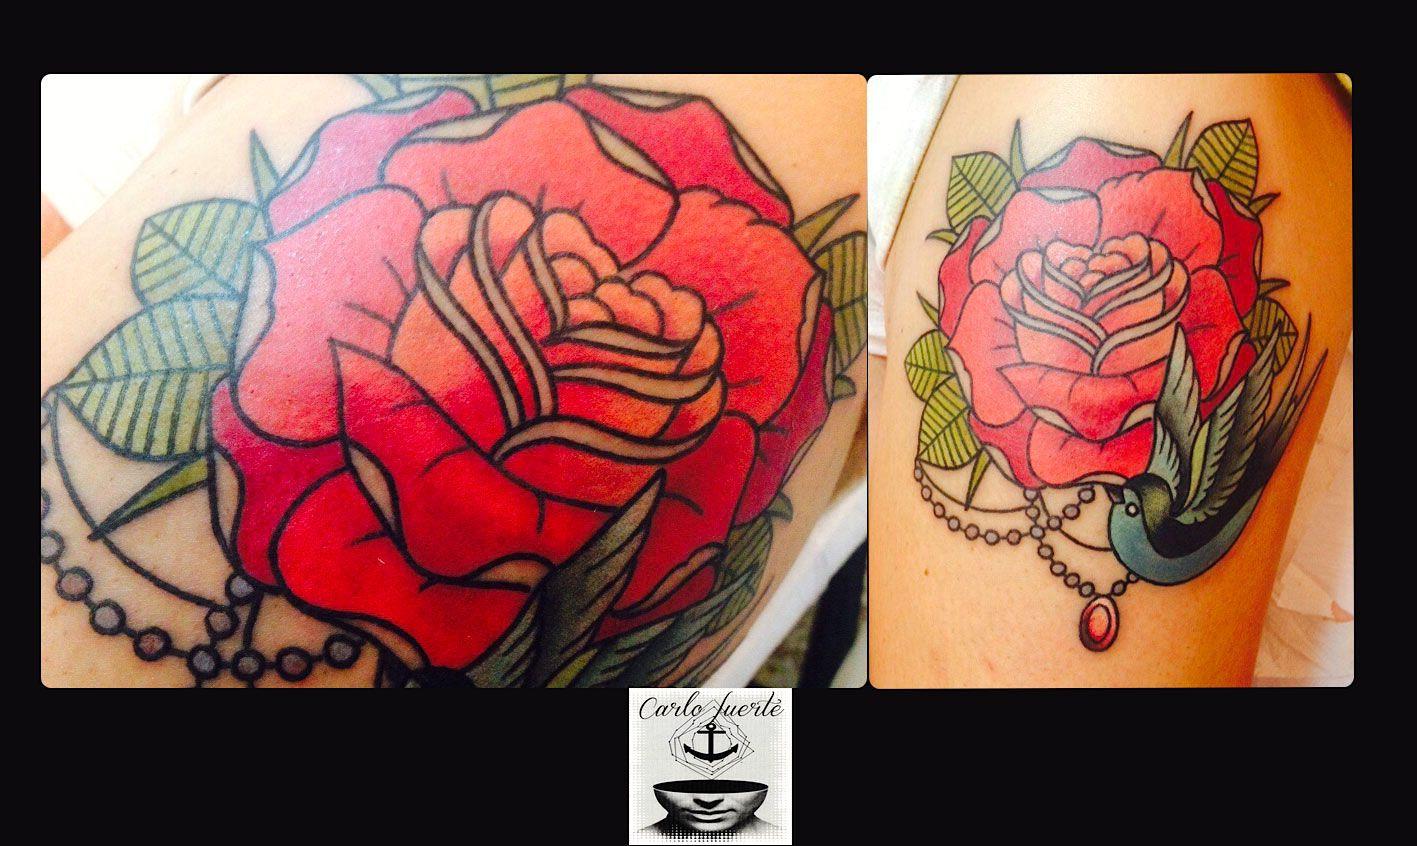 traditional tattoo #old school tattoo #rose tattoo #swallow tattoo #neo traditional tattoo  #fuerteventura tattoo #corralejo tattoo #carlofuertetattoo